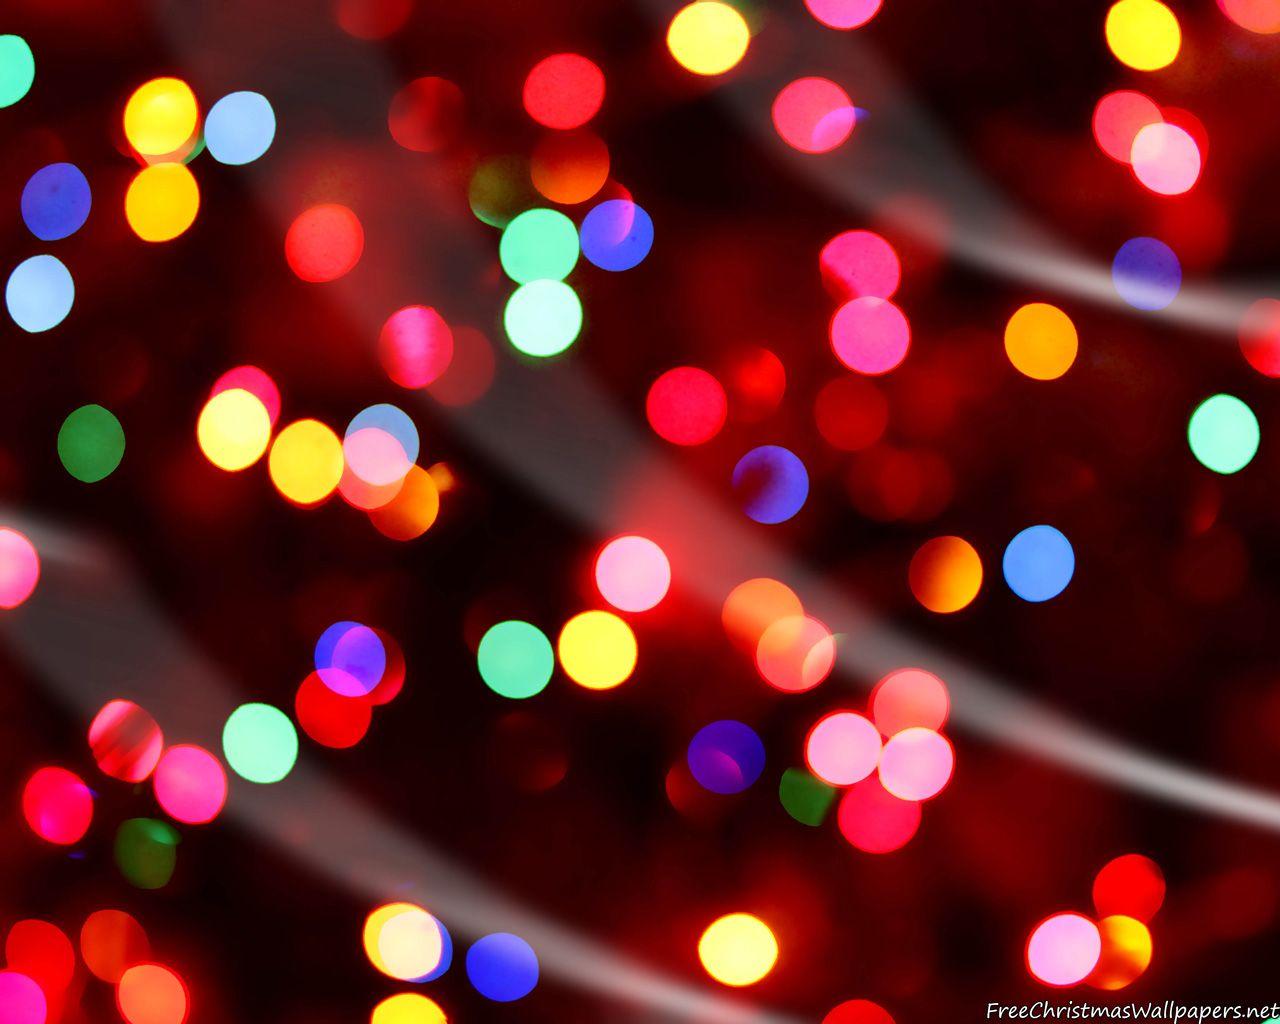 Hd Christmas Celebration Lights Christmas Lights Wallpaper